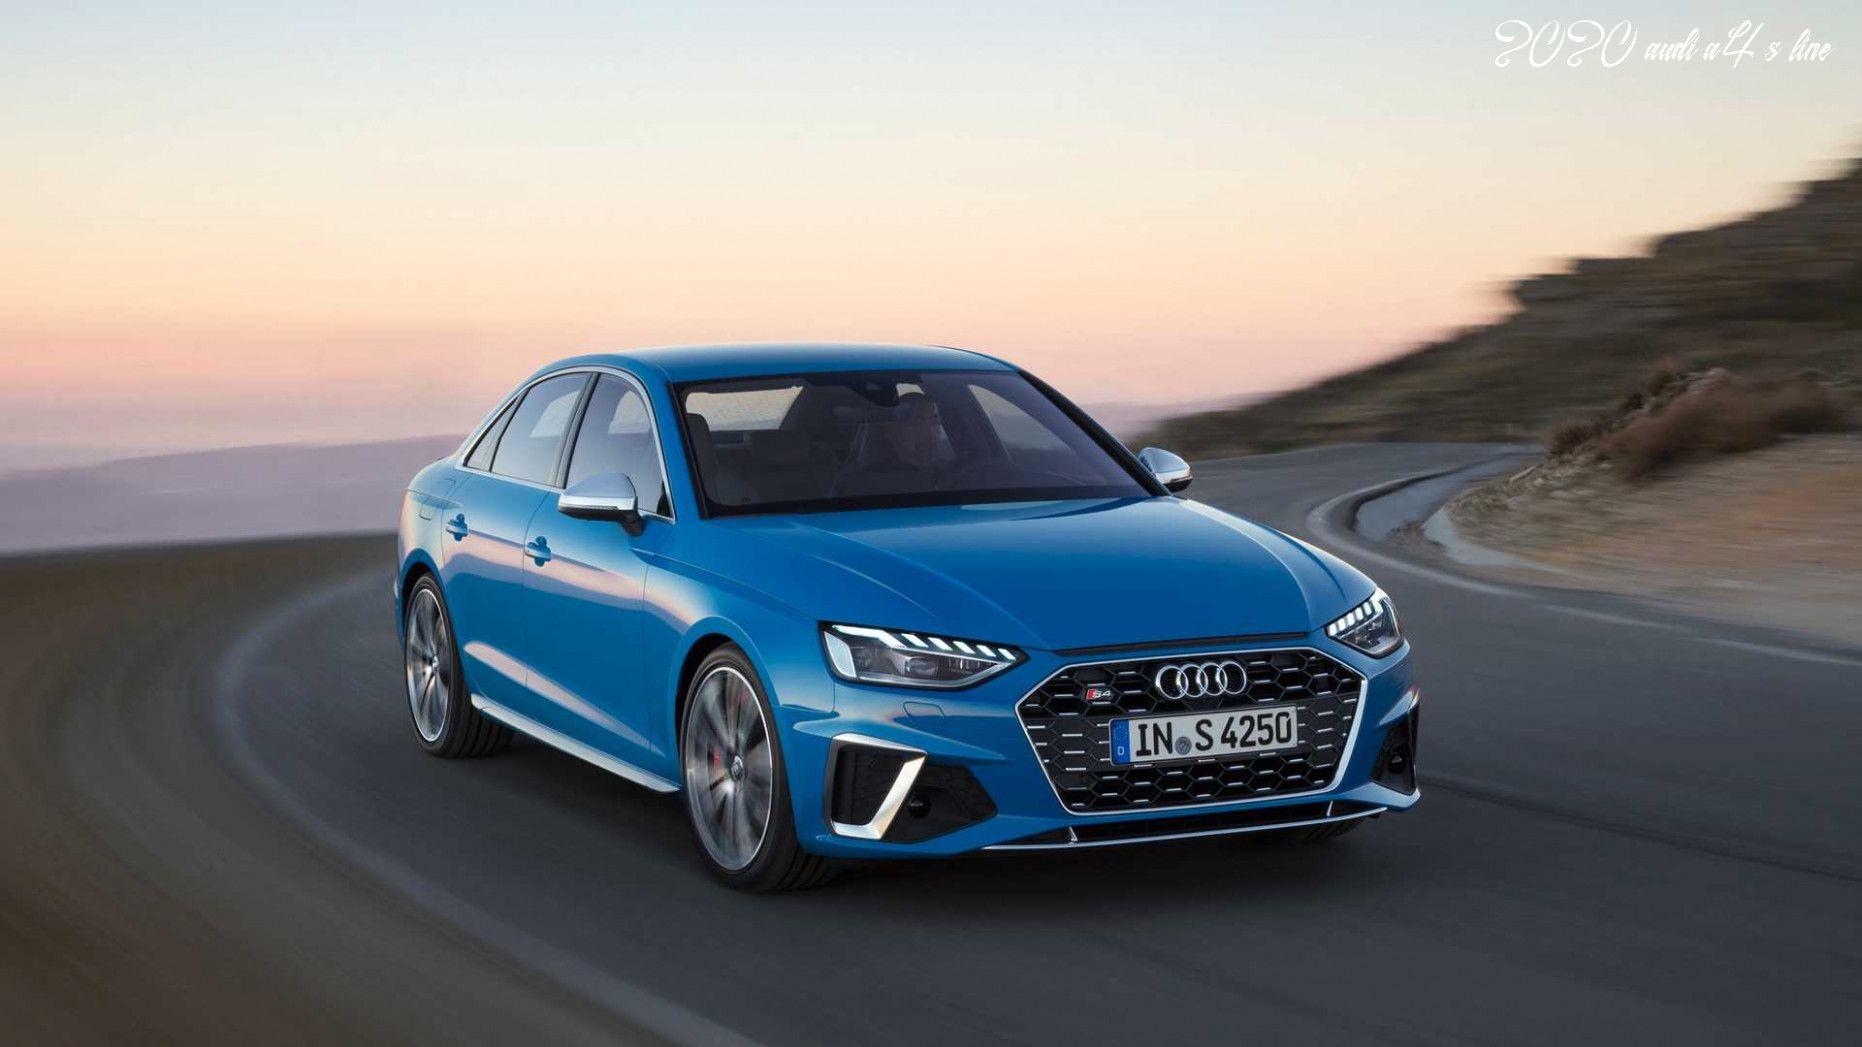 2020 Audi A4 S Line in 2020 Audi s4, Audi, Audi a3 cabriolet